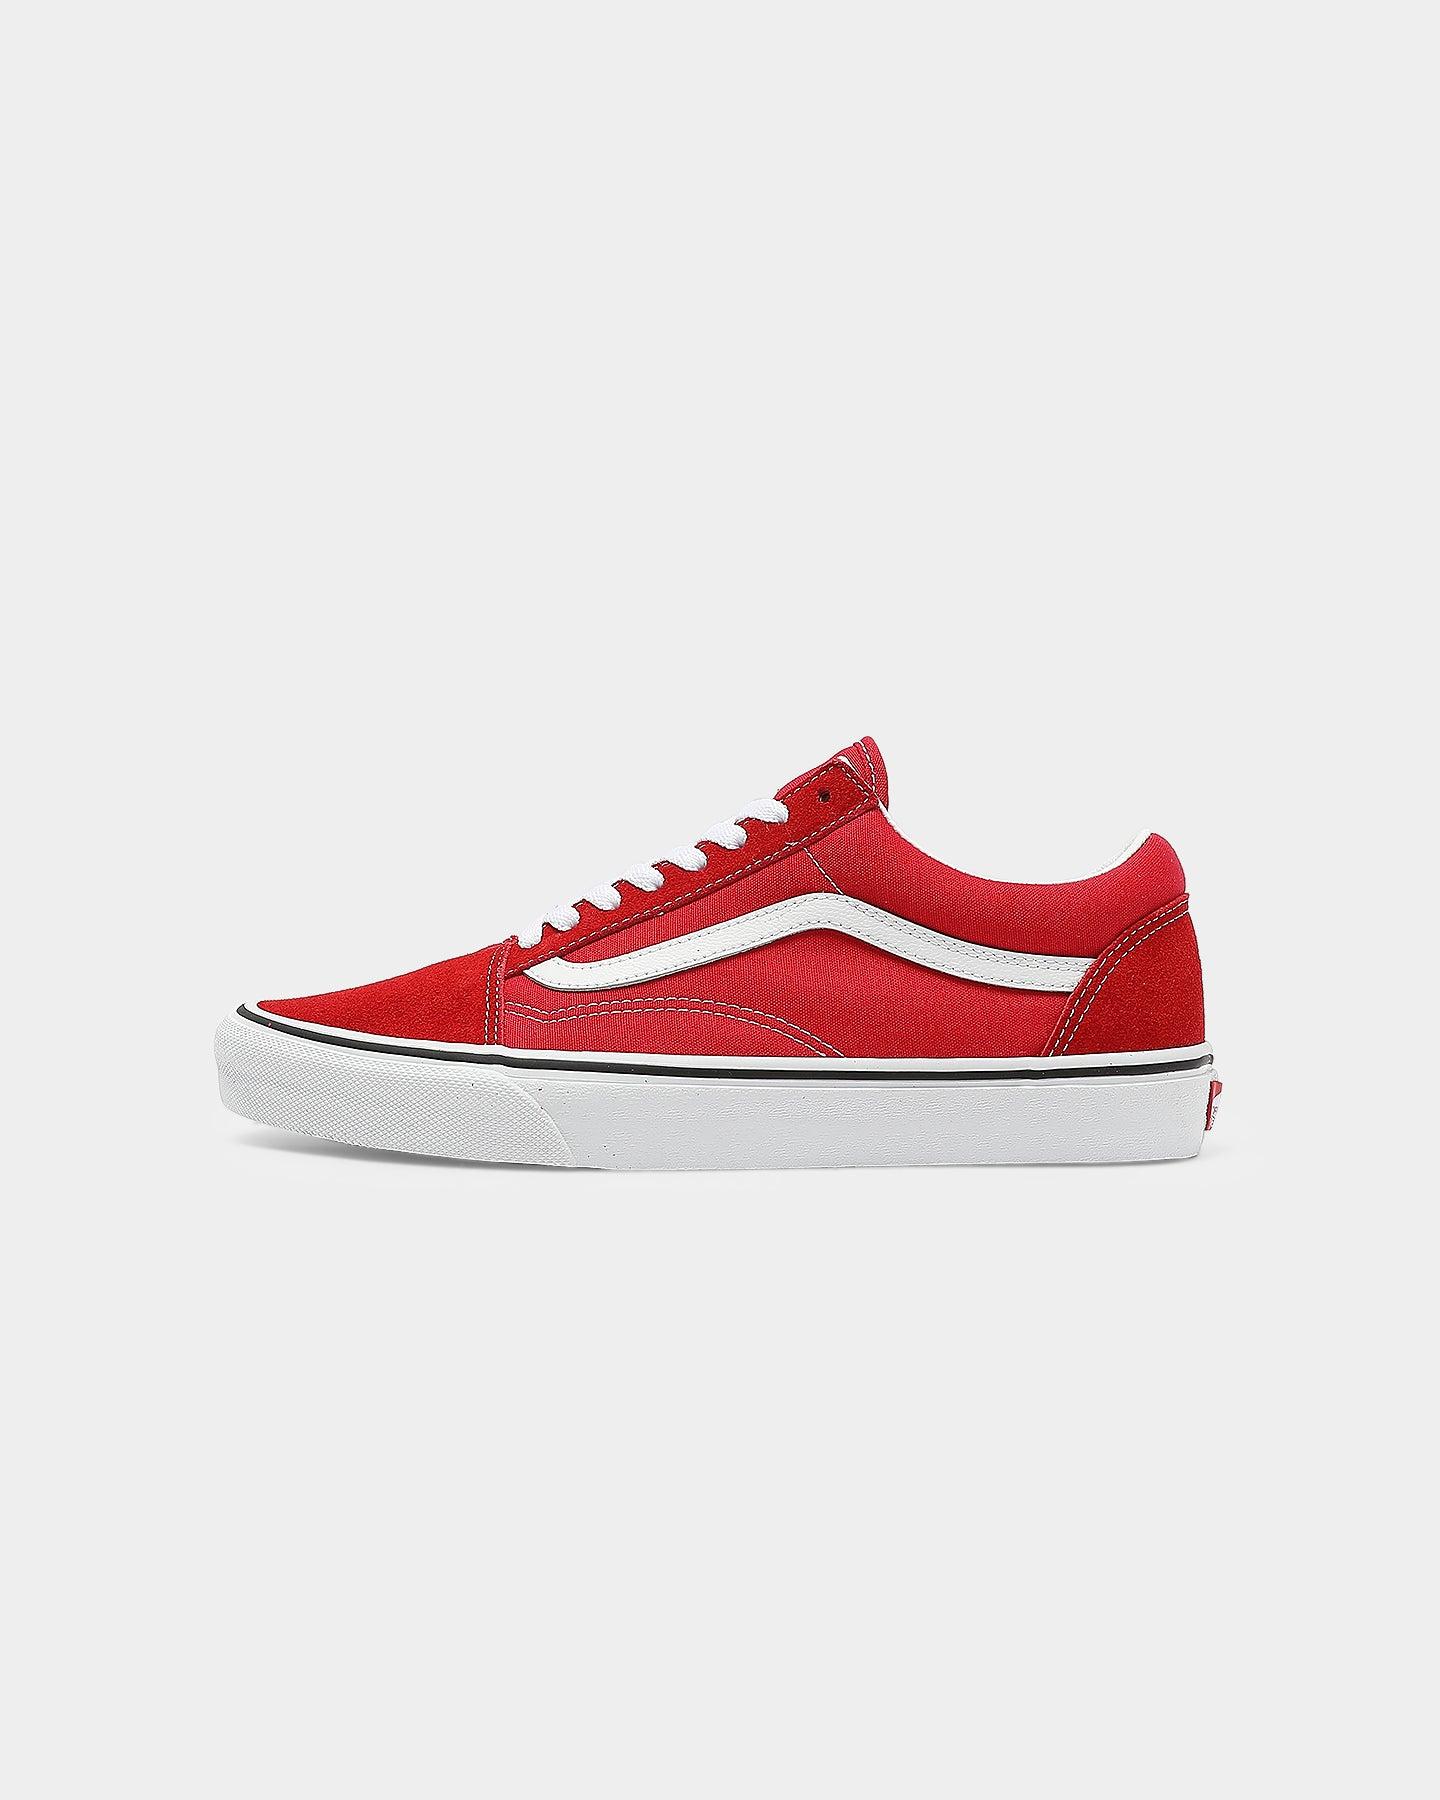 Vans Old SKOOL Red/White | Culture Kings US